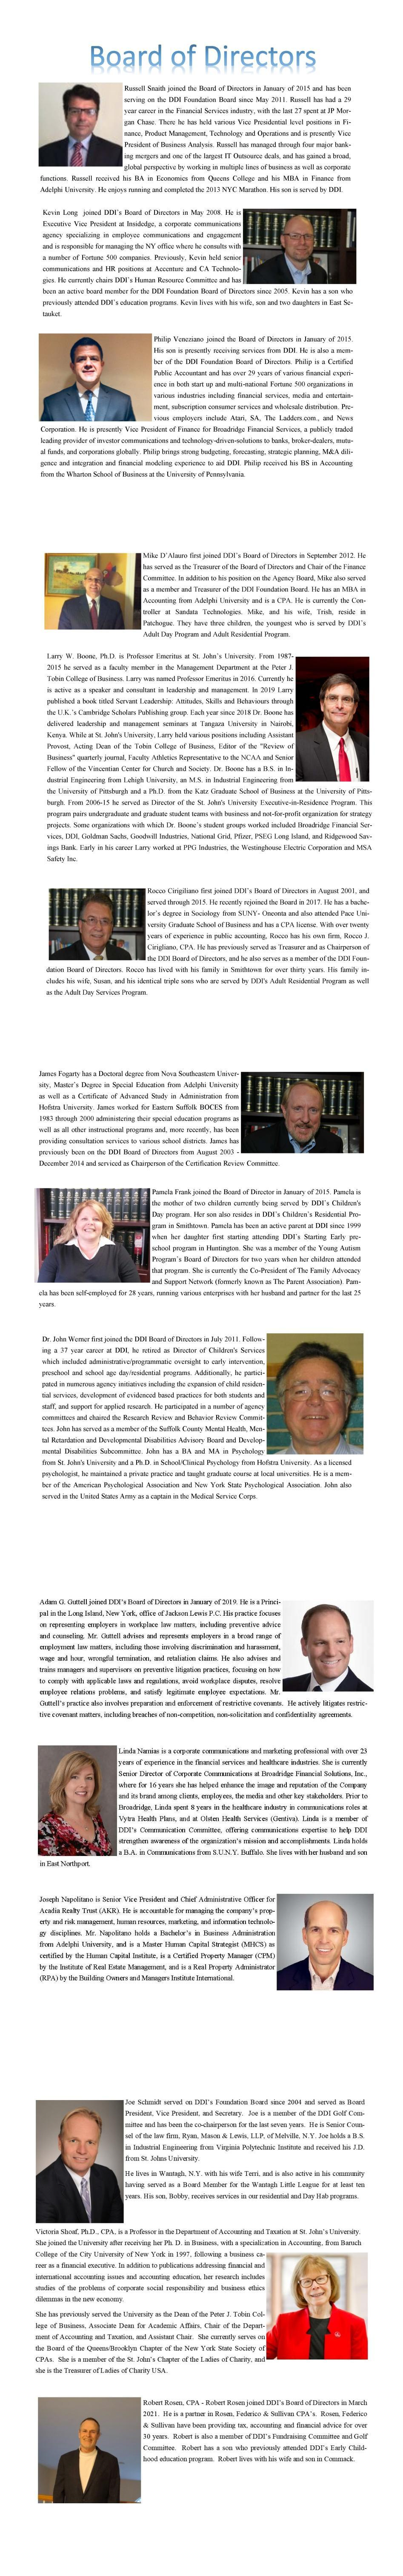 DDI Board of Directors